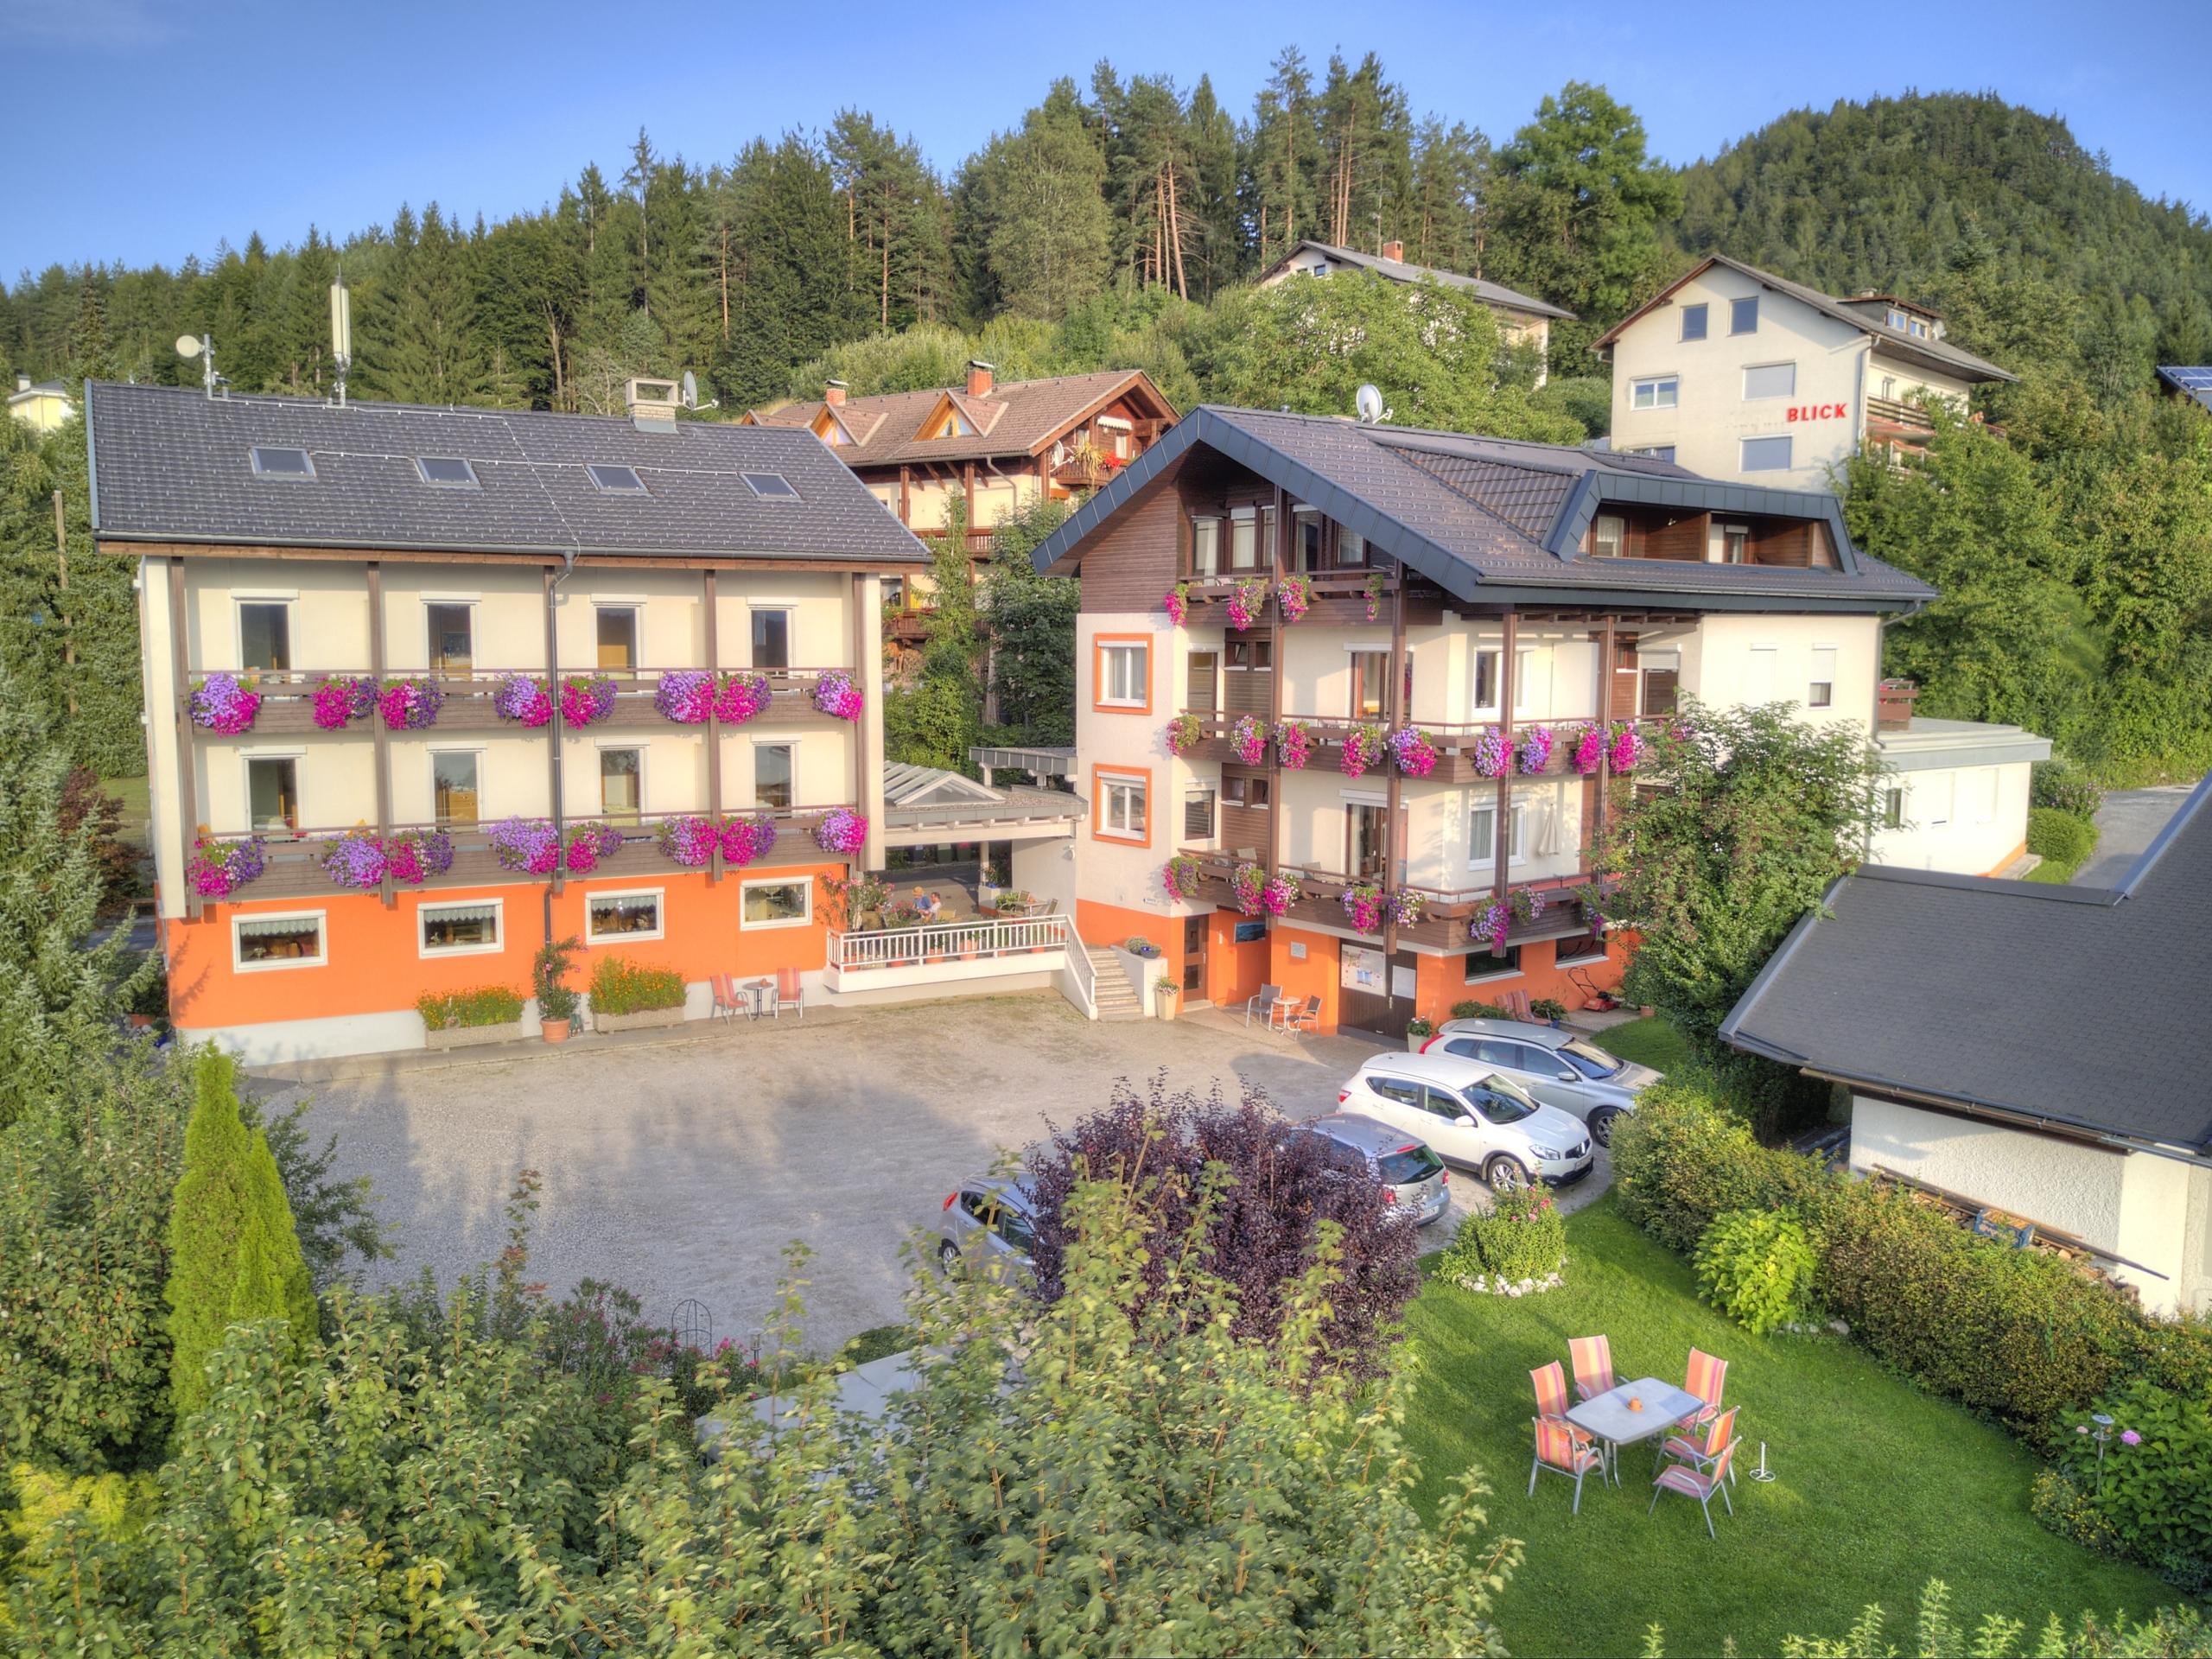 Ferienwohnungen / Apartments Seehöhe in Egg am Faaker See